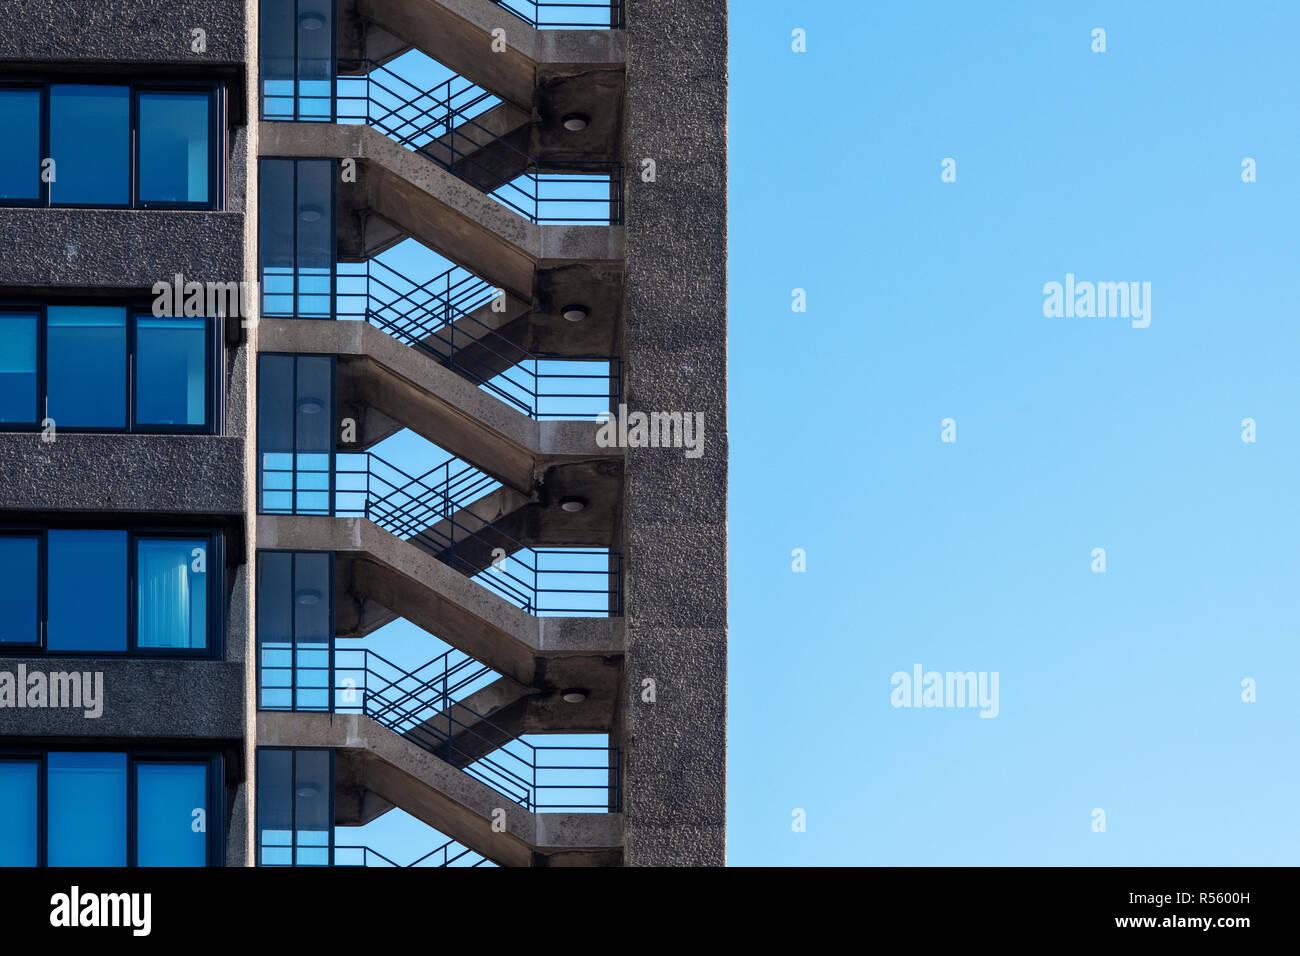 9a30c54044 Bloque de oficinas escalera y ventanas abstractas. Londres, Inglaterra  Imagen De Stock